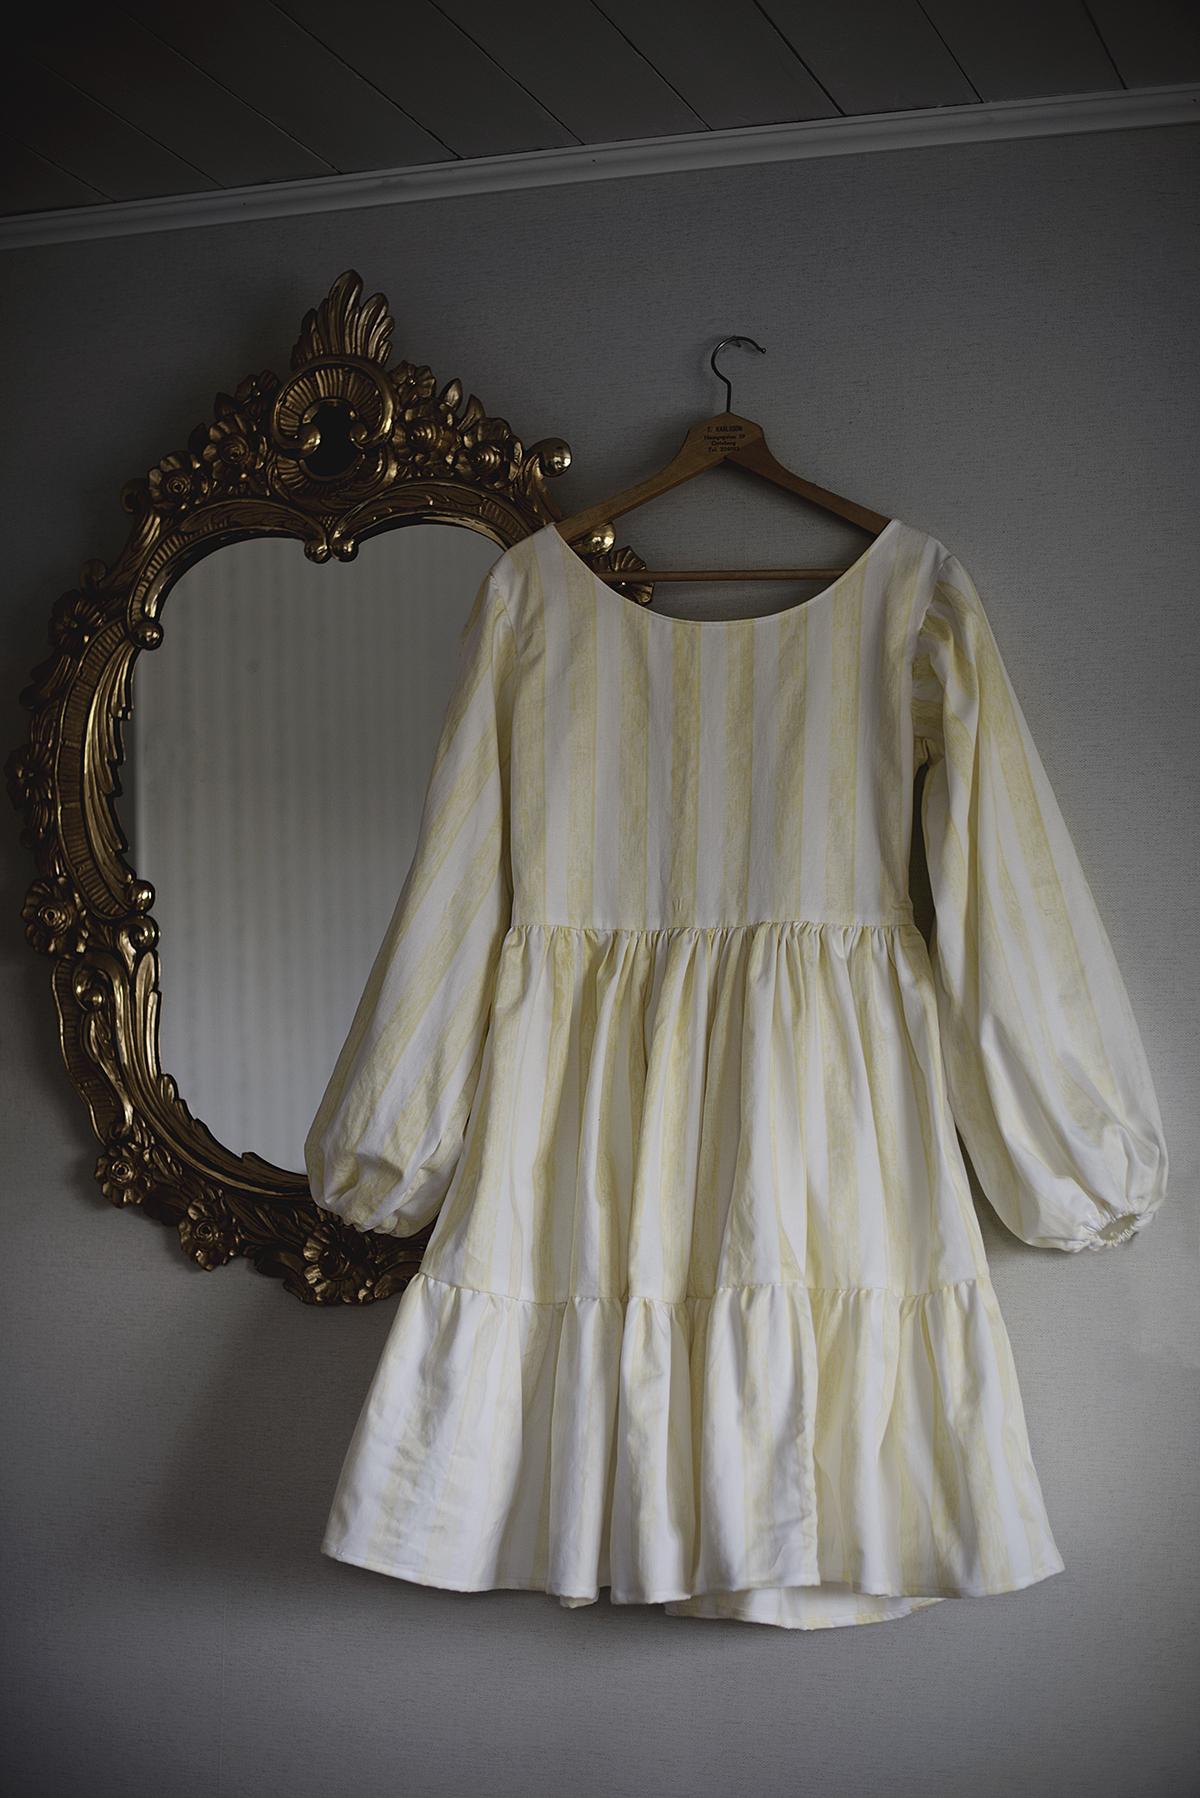 klänning av en secondhandad gardin